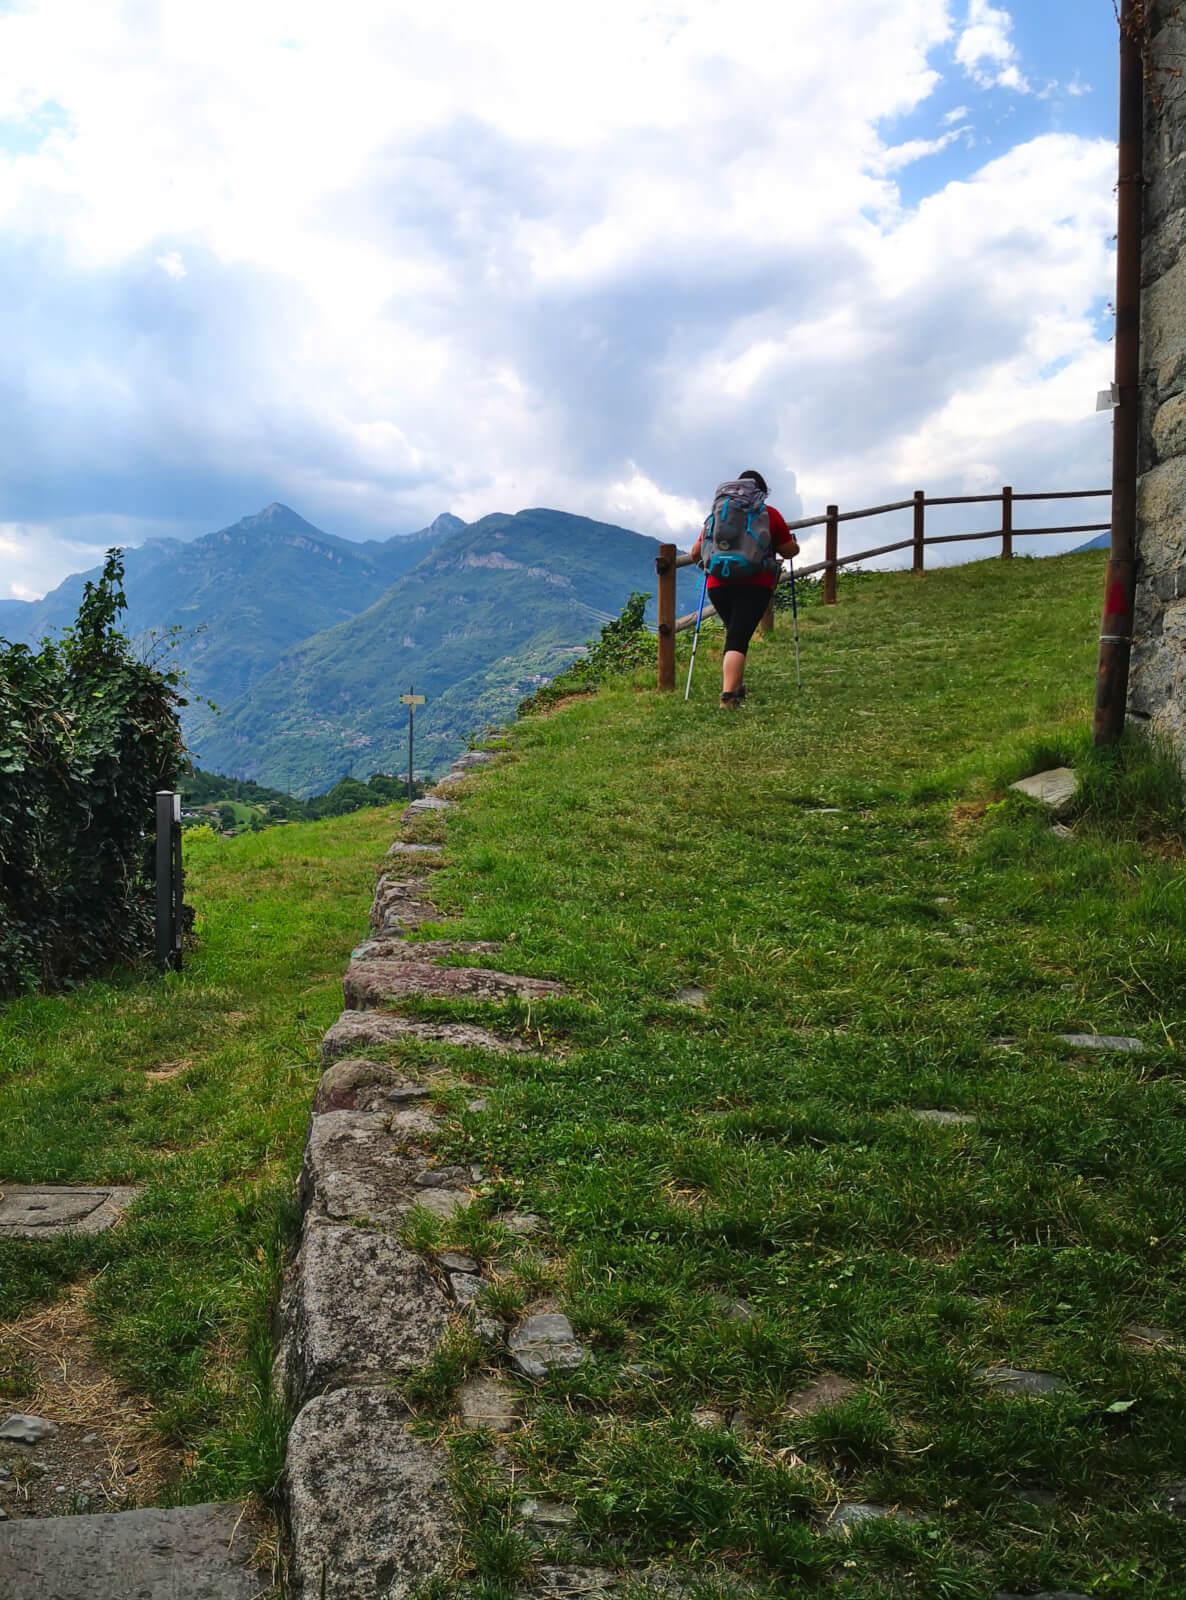 viaggiare-zaino-in-spalla-cammino-valcamonica-1